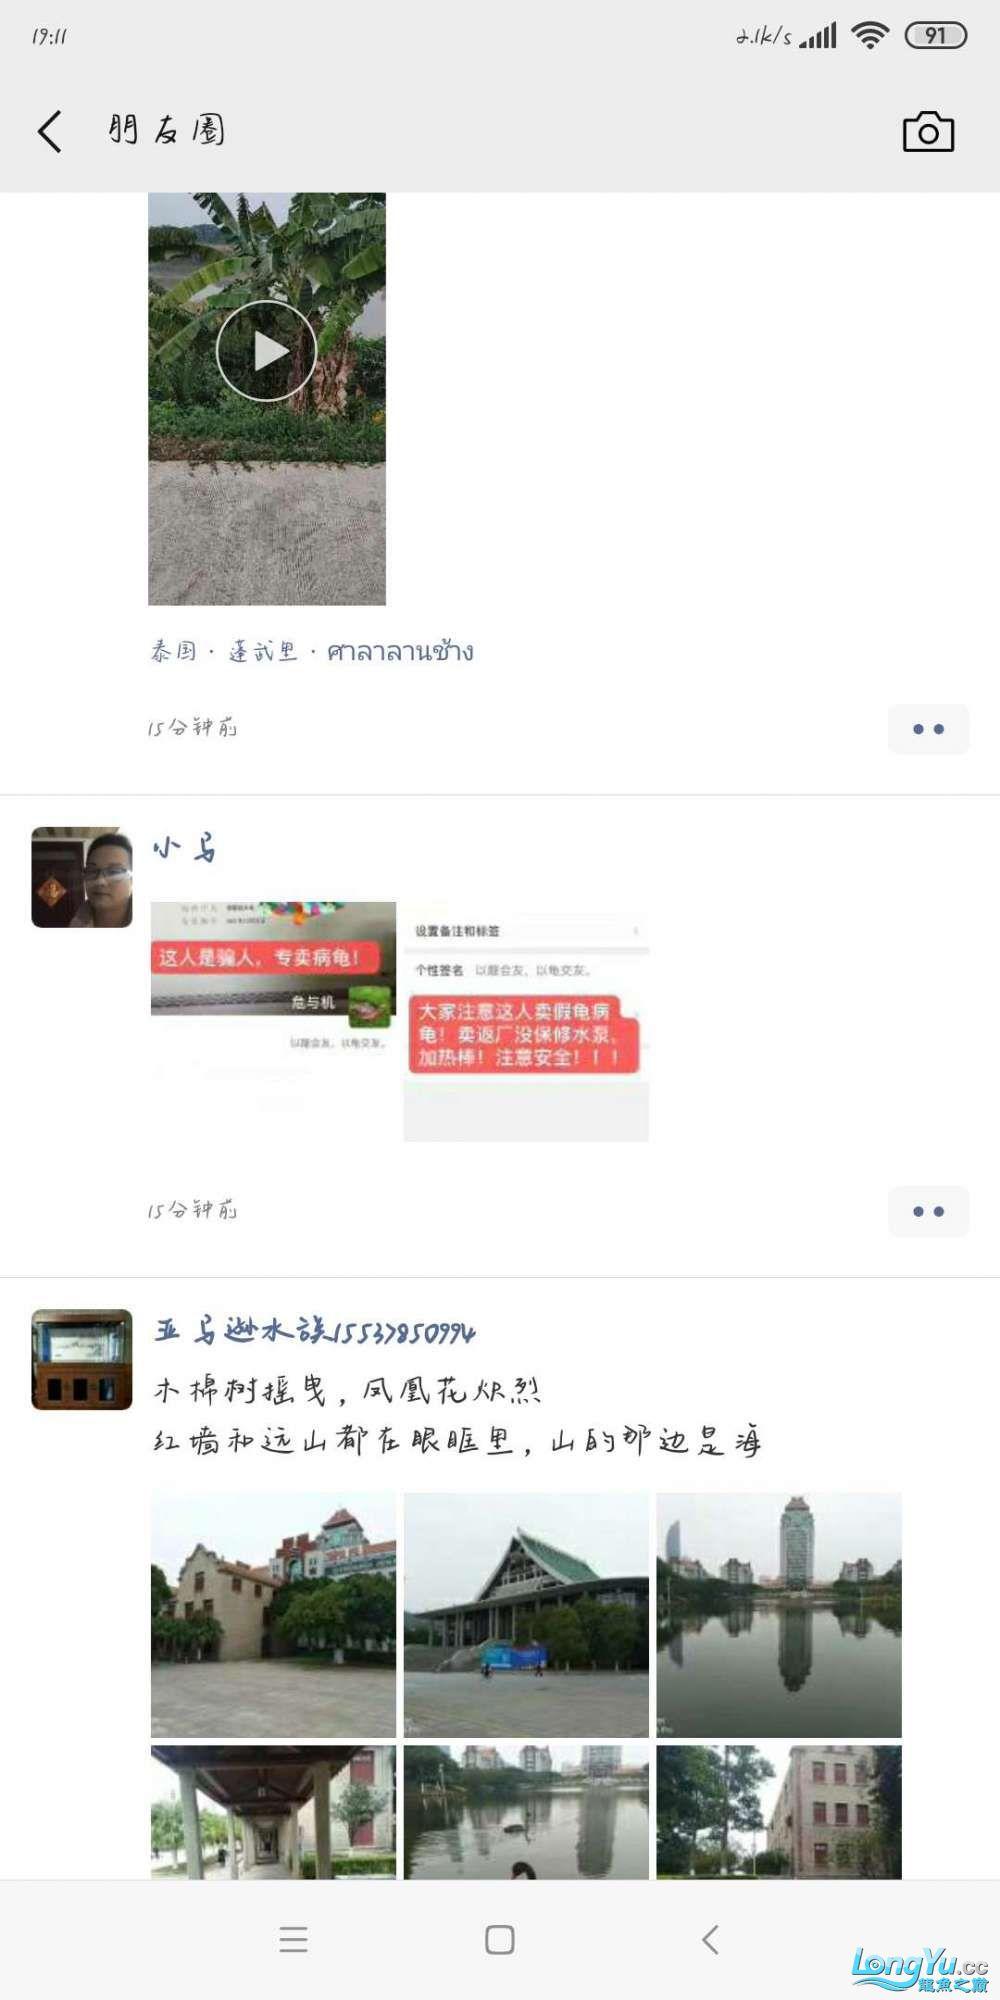 【西安四纹印尼虎苗】广州龟佬是个骗子?